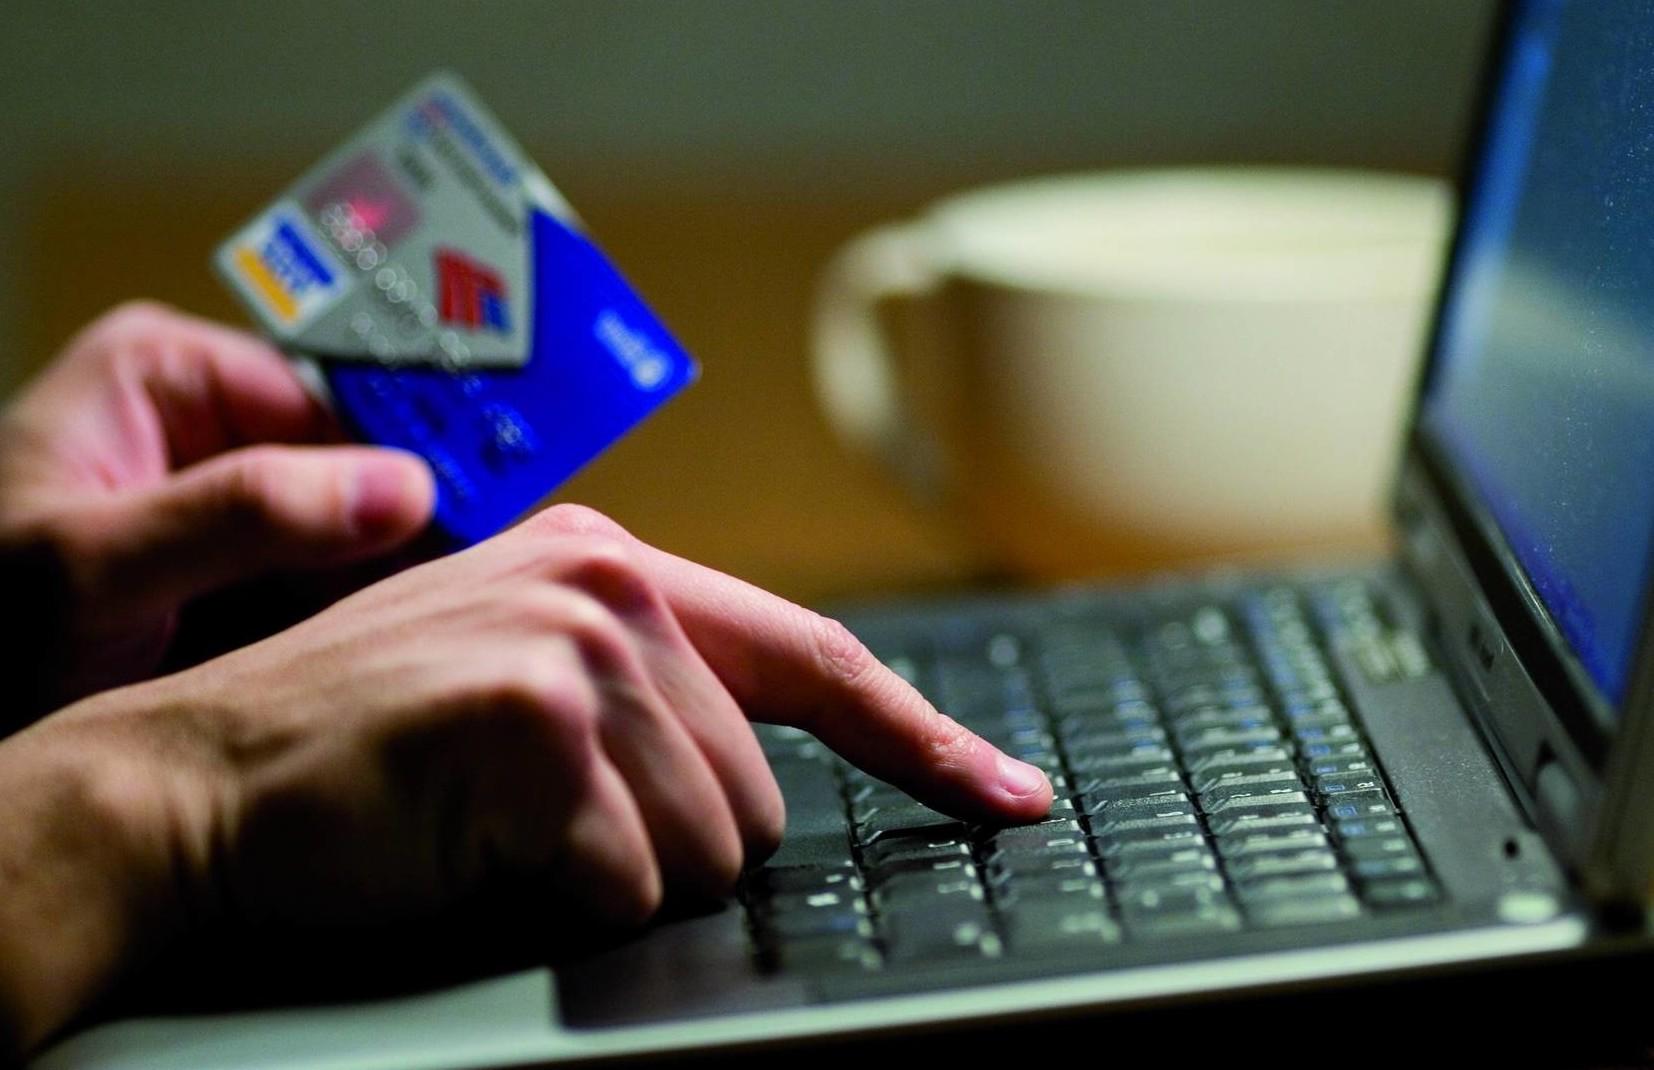 Începând cu săptămâna aceasta, veți putea achita online impozitul funciar